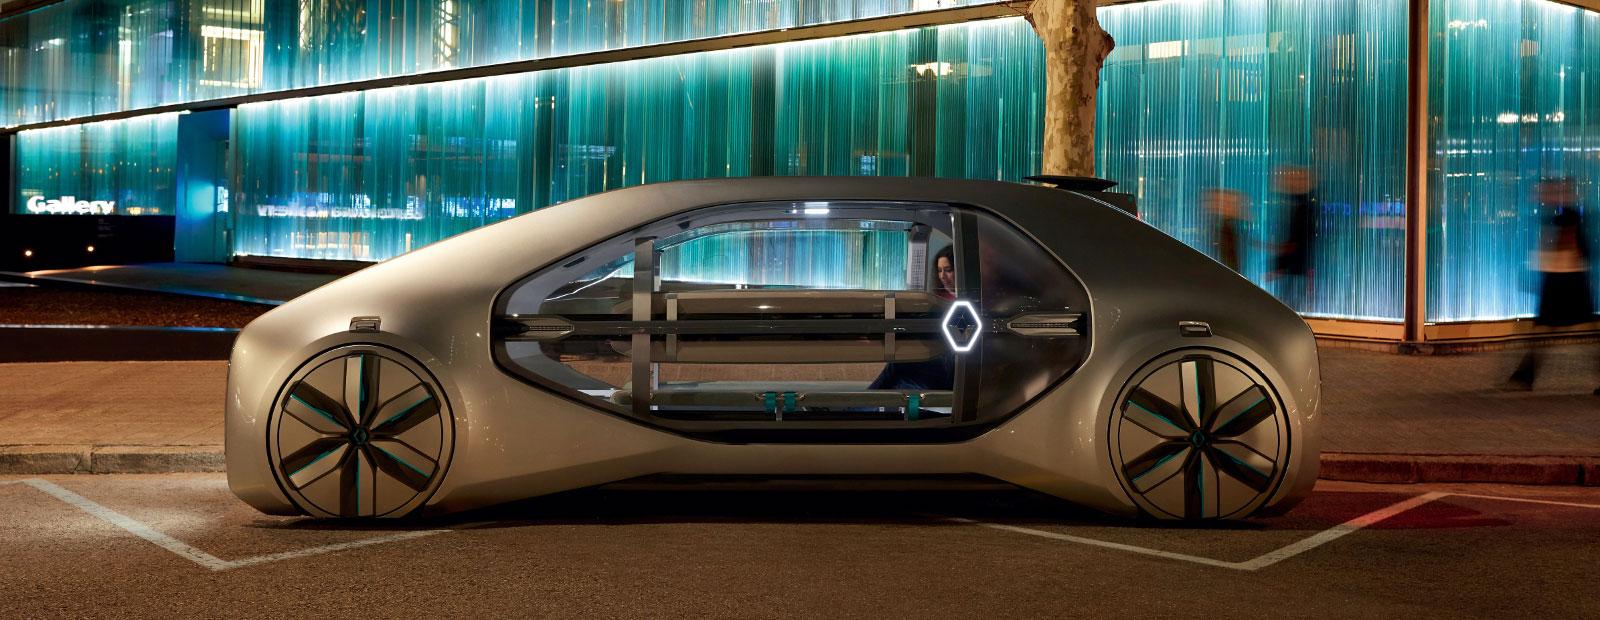 2018 - Renault EZ-GO, Concept-Car, en situation dans la ville